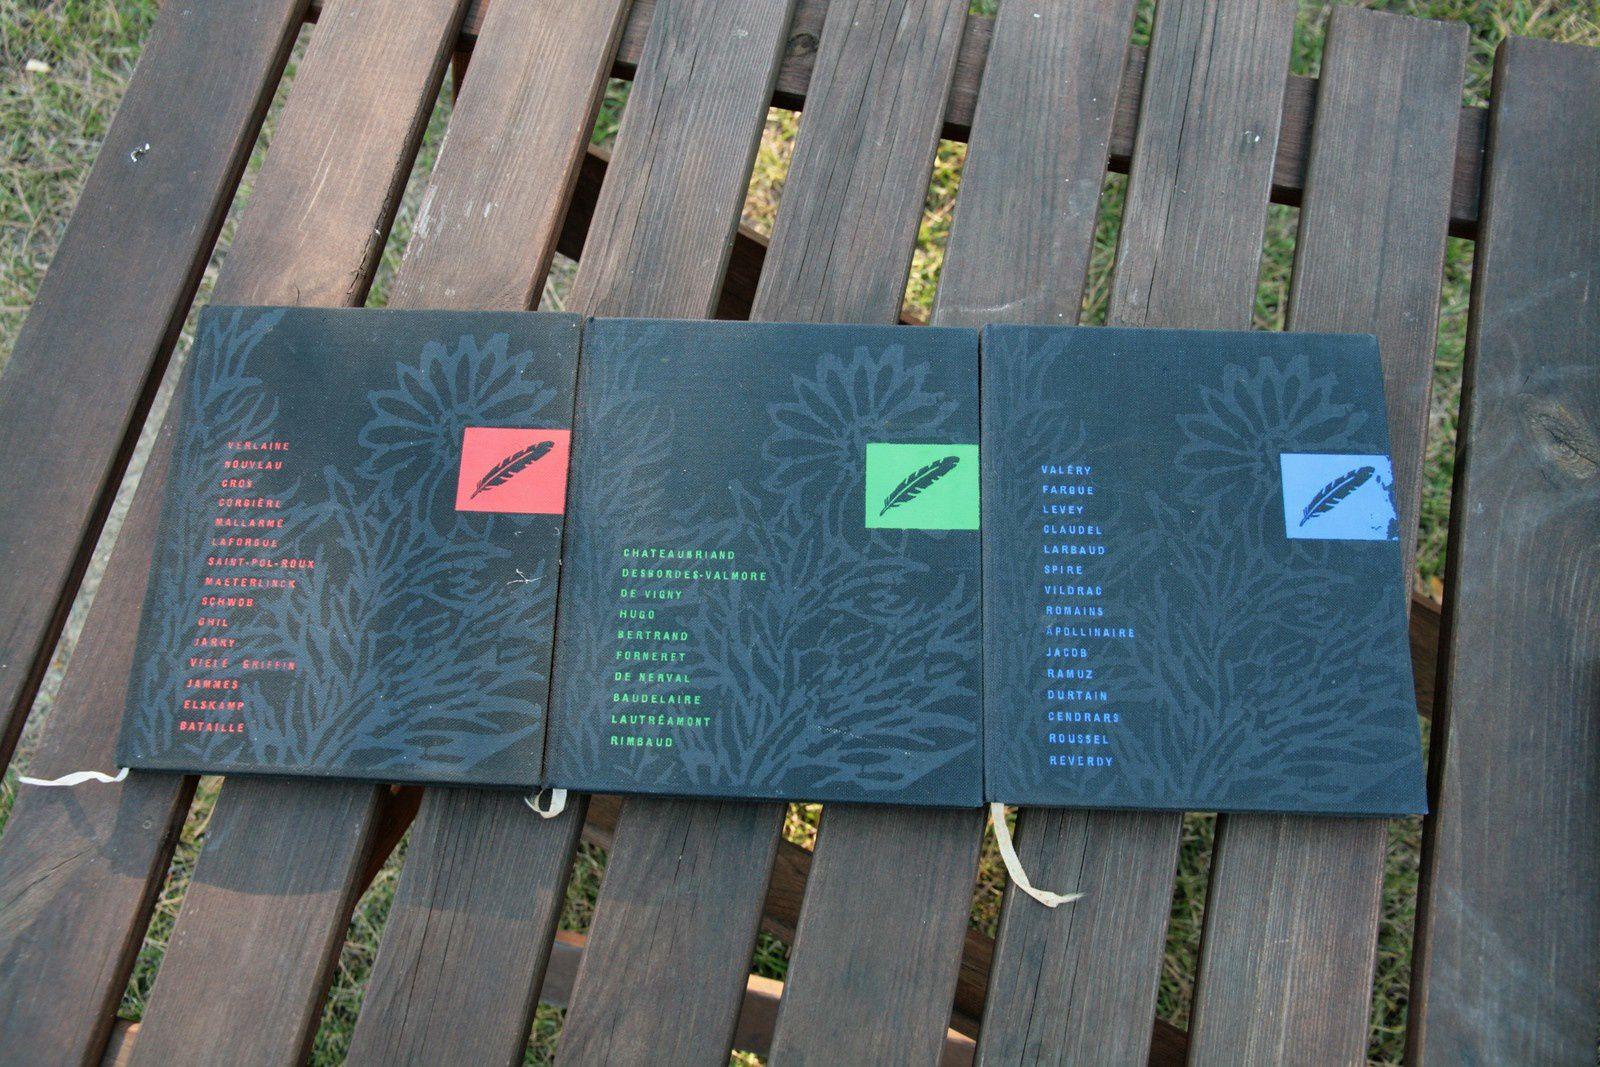 Trois exemplaires d'une même série, d'une même oeuvre, mais seulement un seul porte la numérotation. Avec cette dépense la somme totale grimpe à 44 euros pour la saison